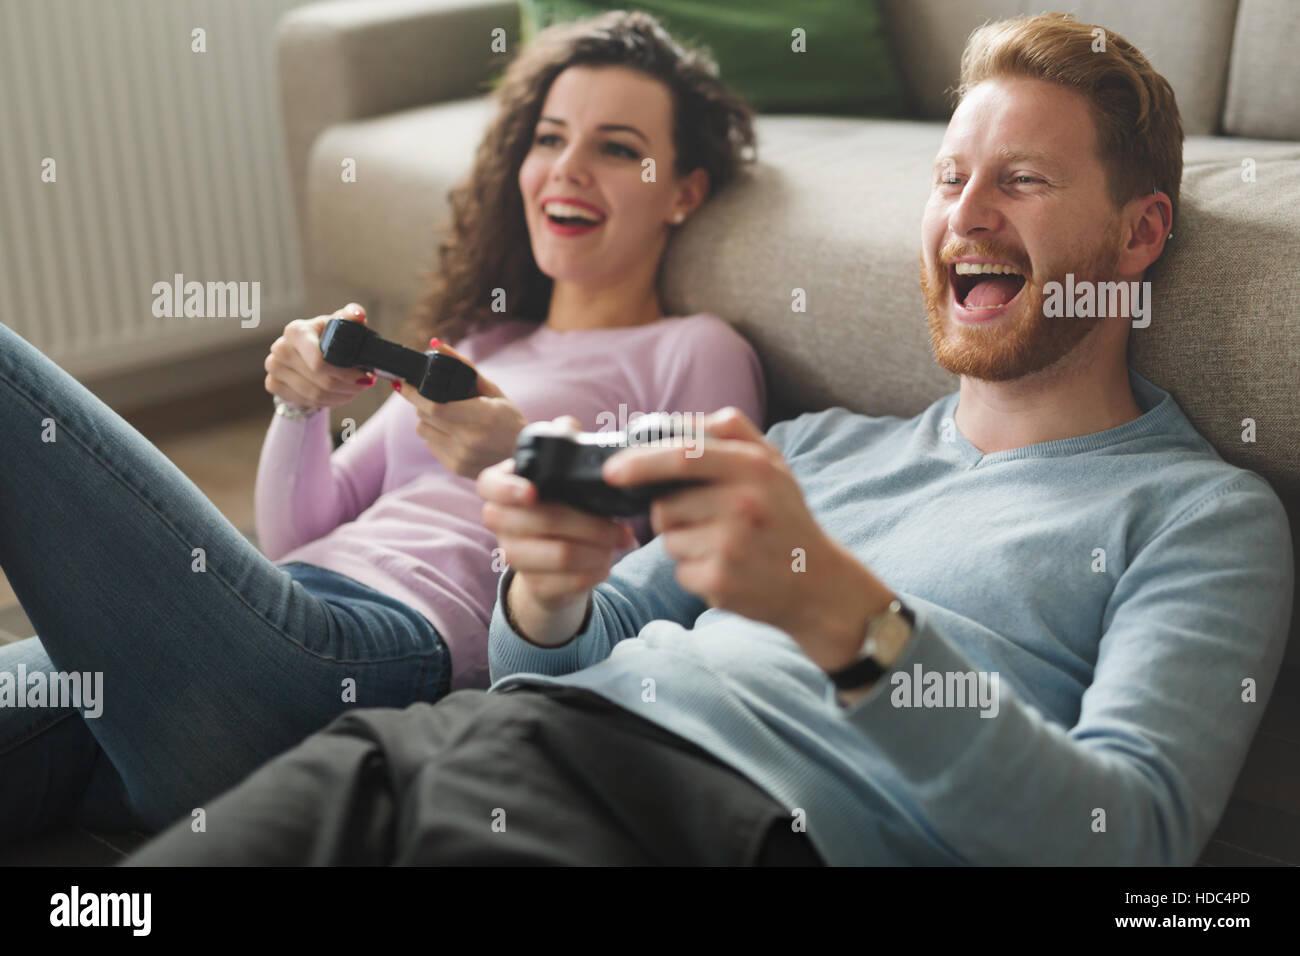 Beau couple de jeux vidéo sur console s'amusant Photo Stock